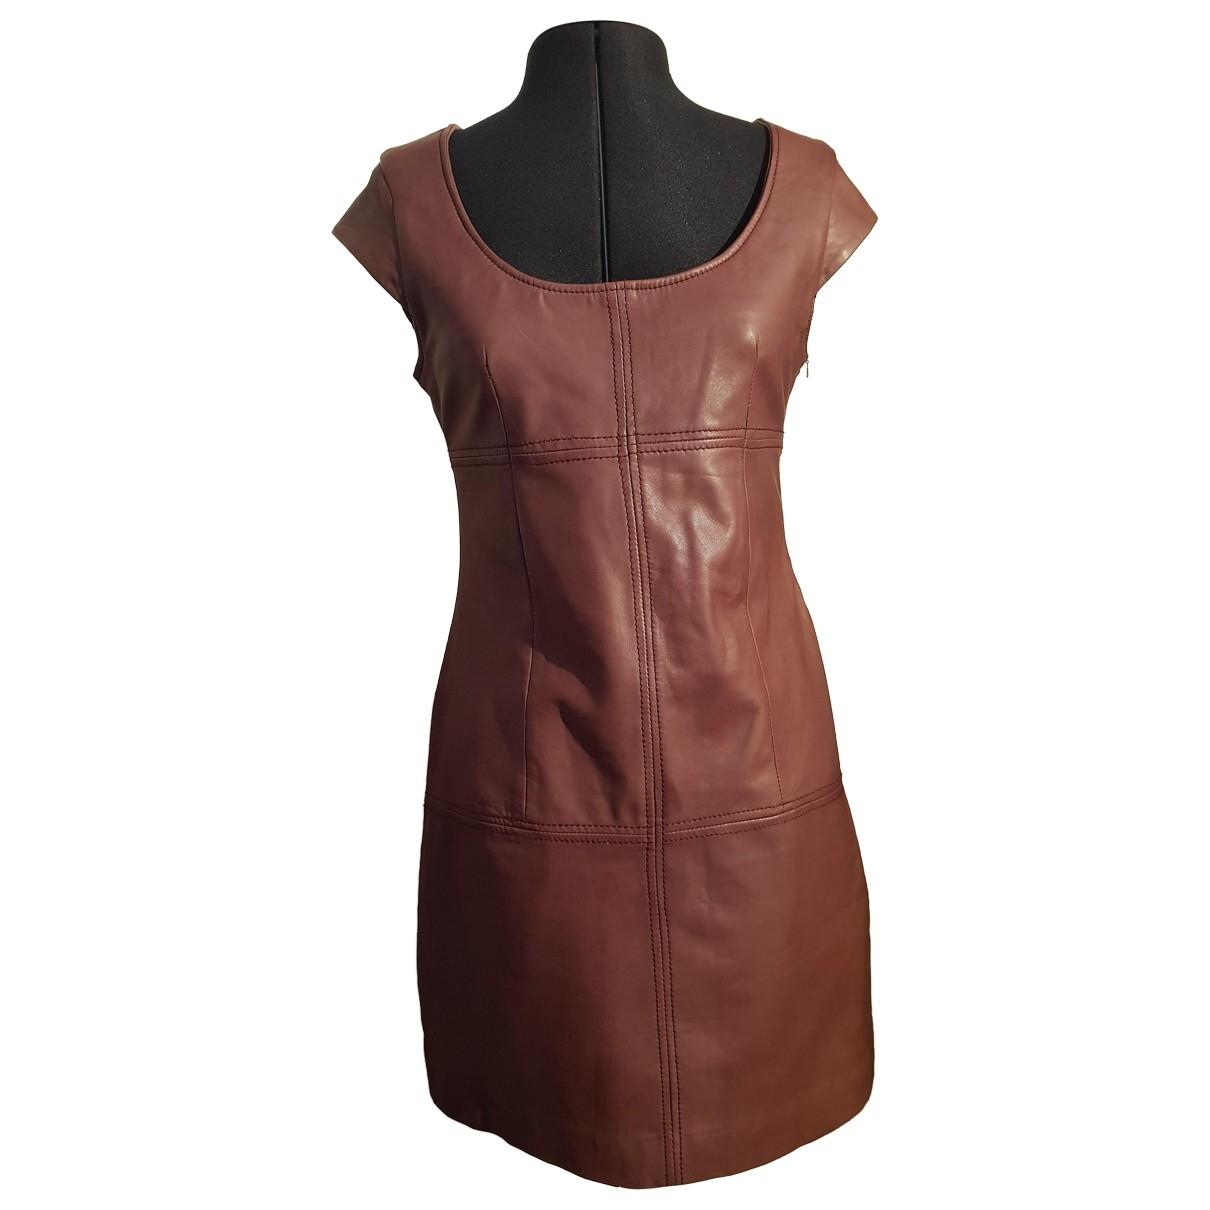 Supertrash - Robe   pour femme en cuir - bordeaux